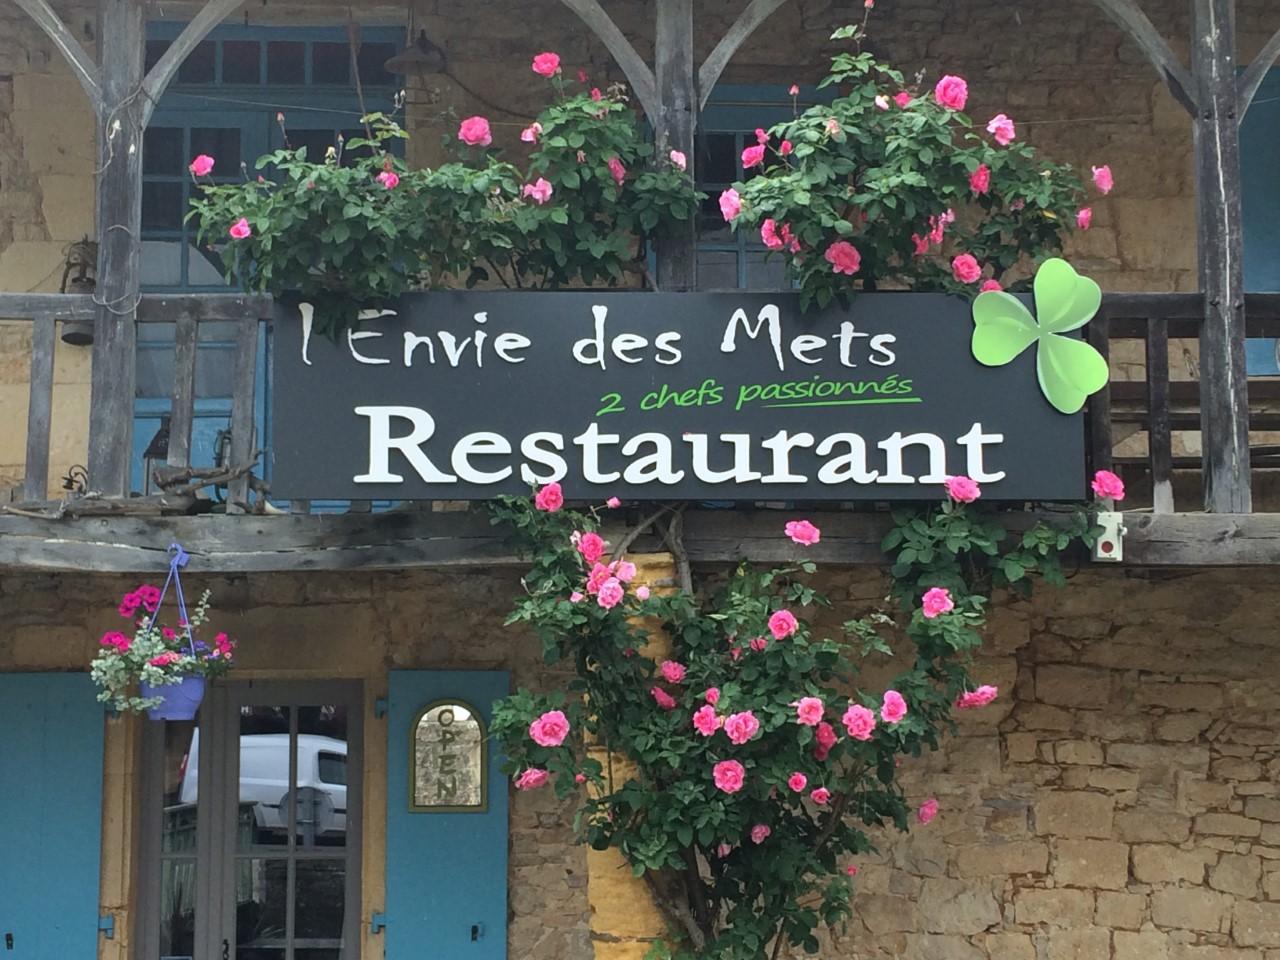 Adhérent L'ENVIE DES METS  - photo #14415